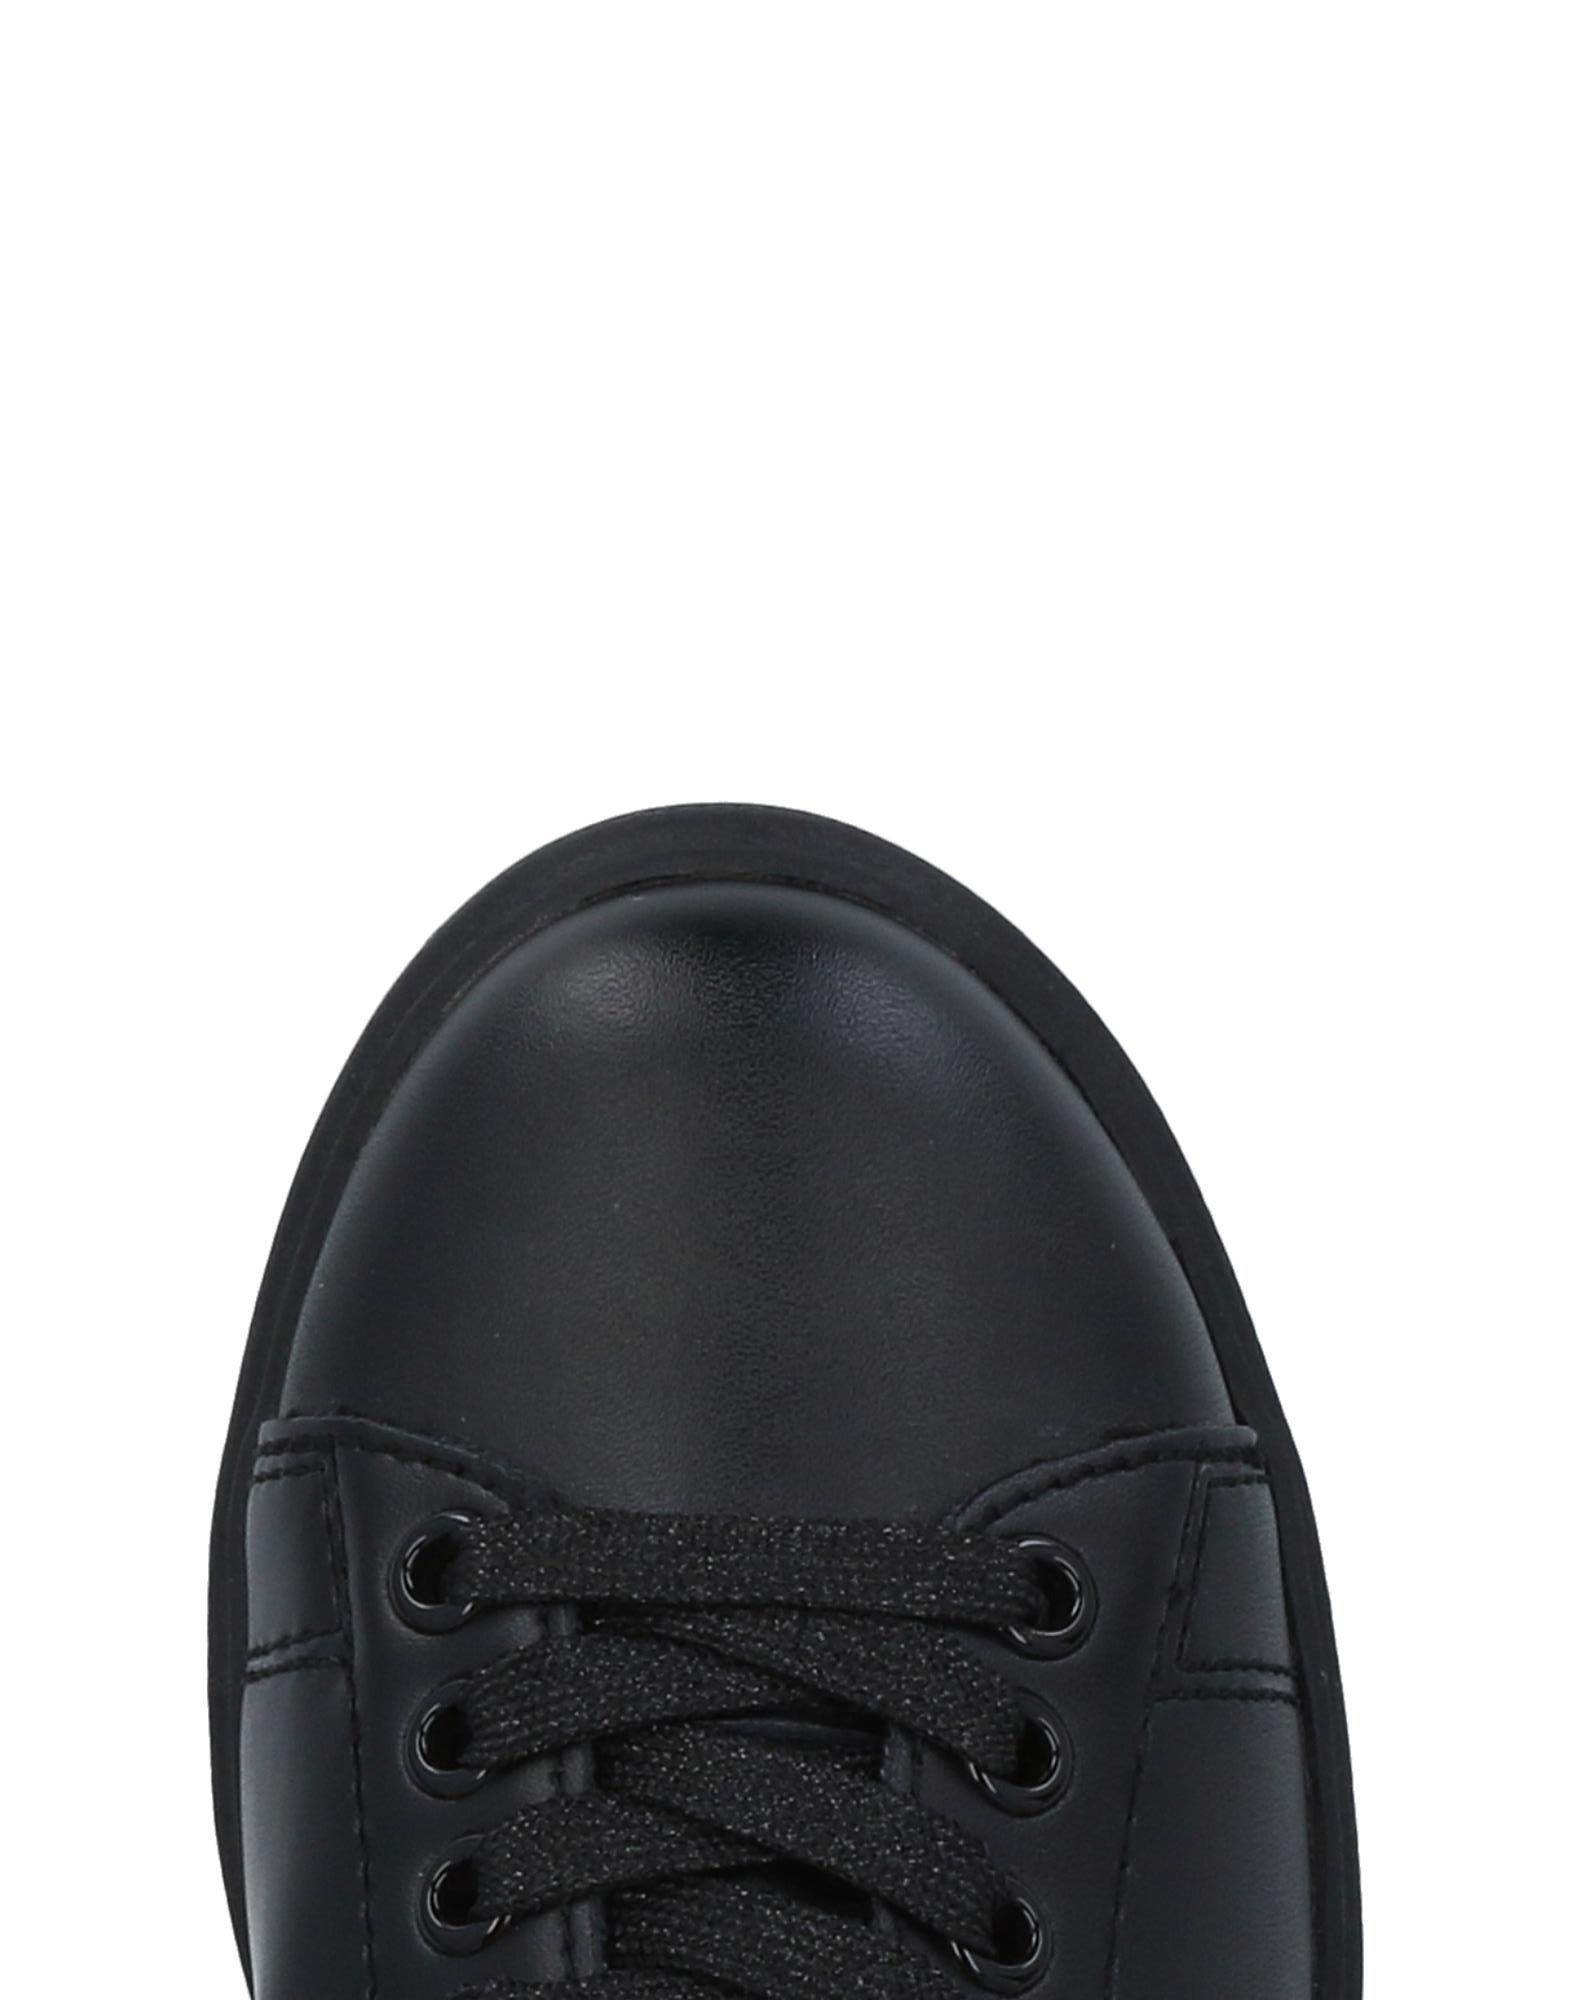 Replay Sneakers Damen  11493286BB Schuhe Gute Qualität beliebte Schuhe 11493286BB 95976a